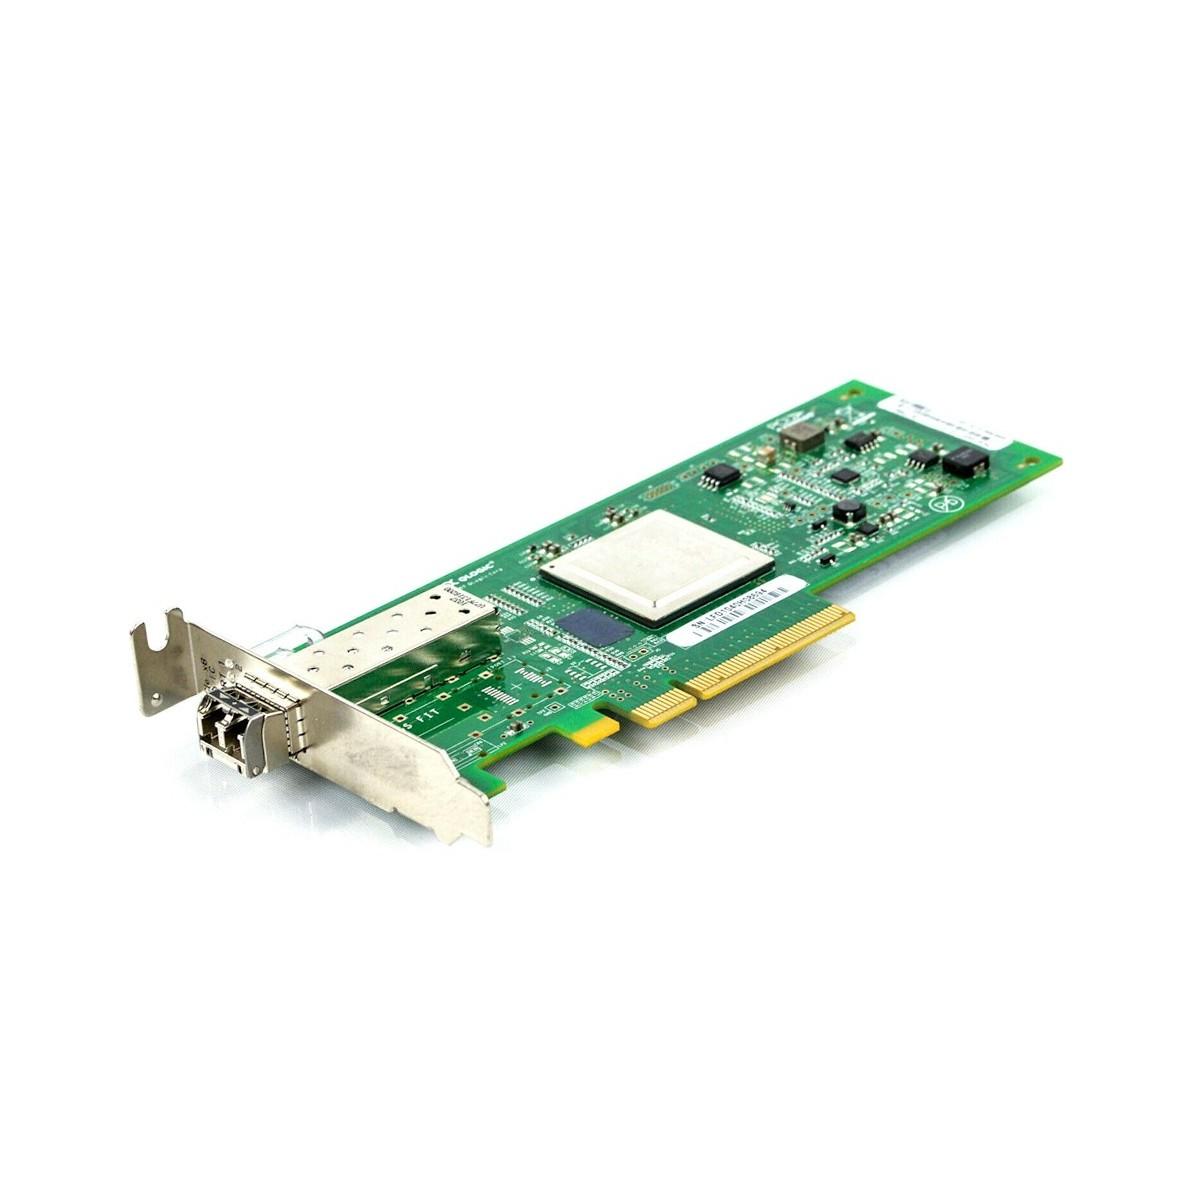 DYSK HP SEAGATE 300GB SAS 15K 6G 3,5'' 581312-001 GW FV